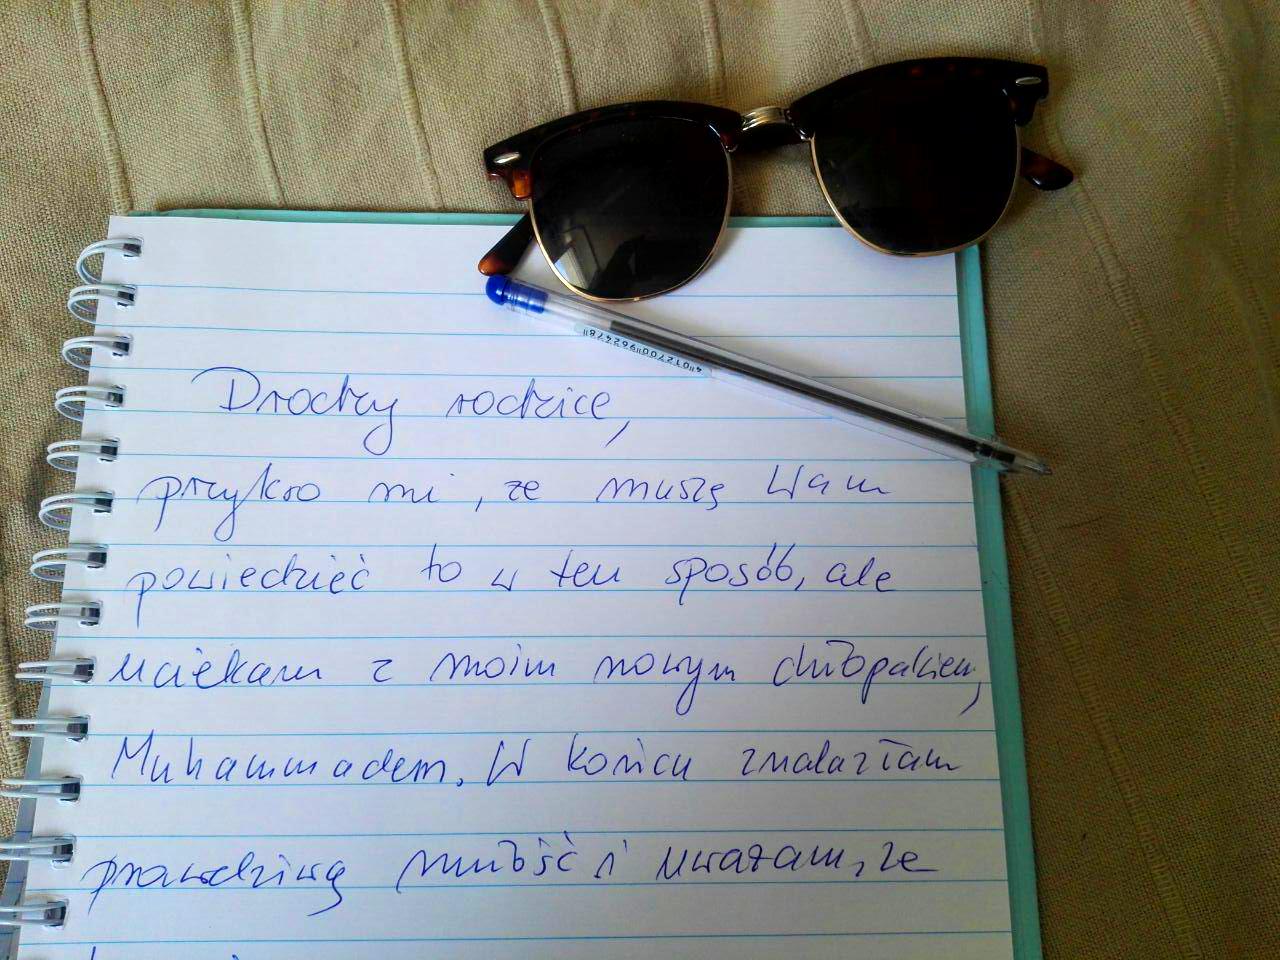 Tata znalazł list 16-letniej Kasi, która uciekła z domu. Omal nie dostał zawału, gdy go czytał